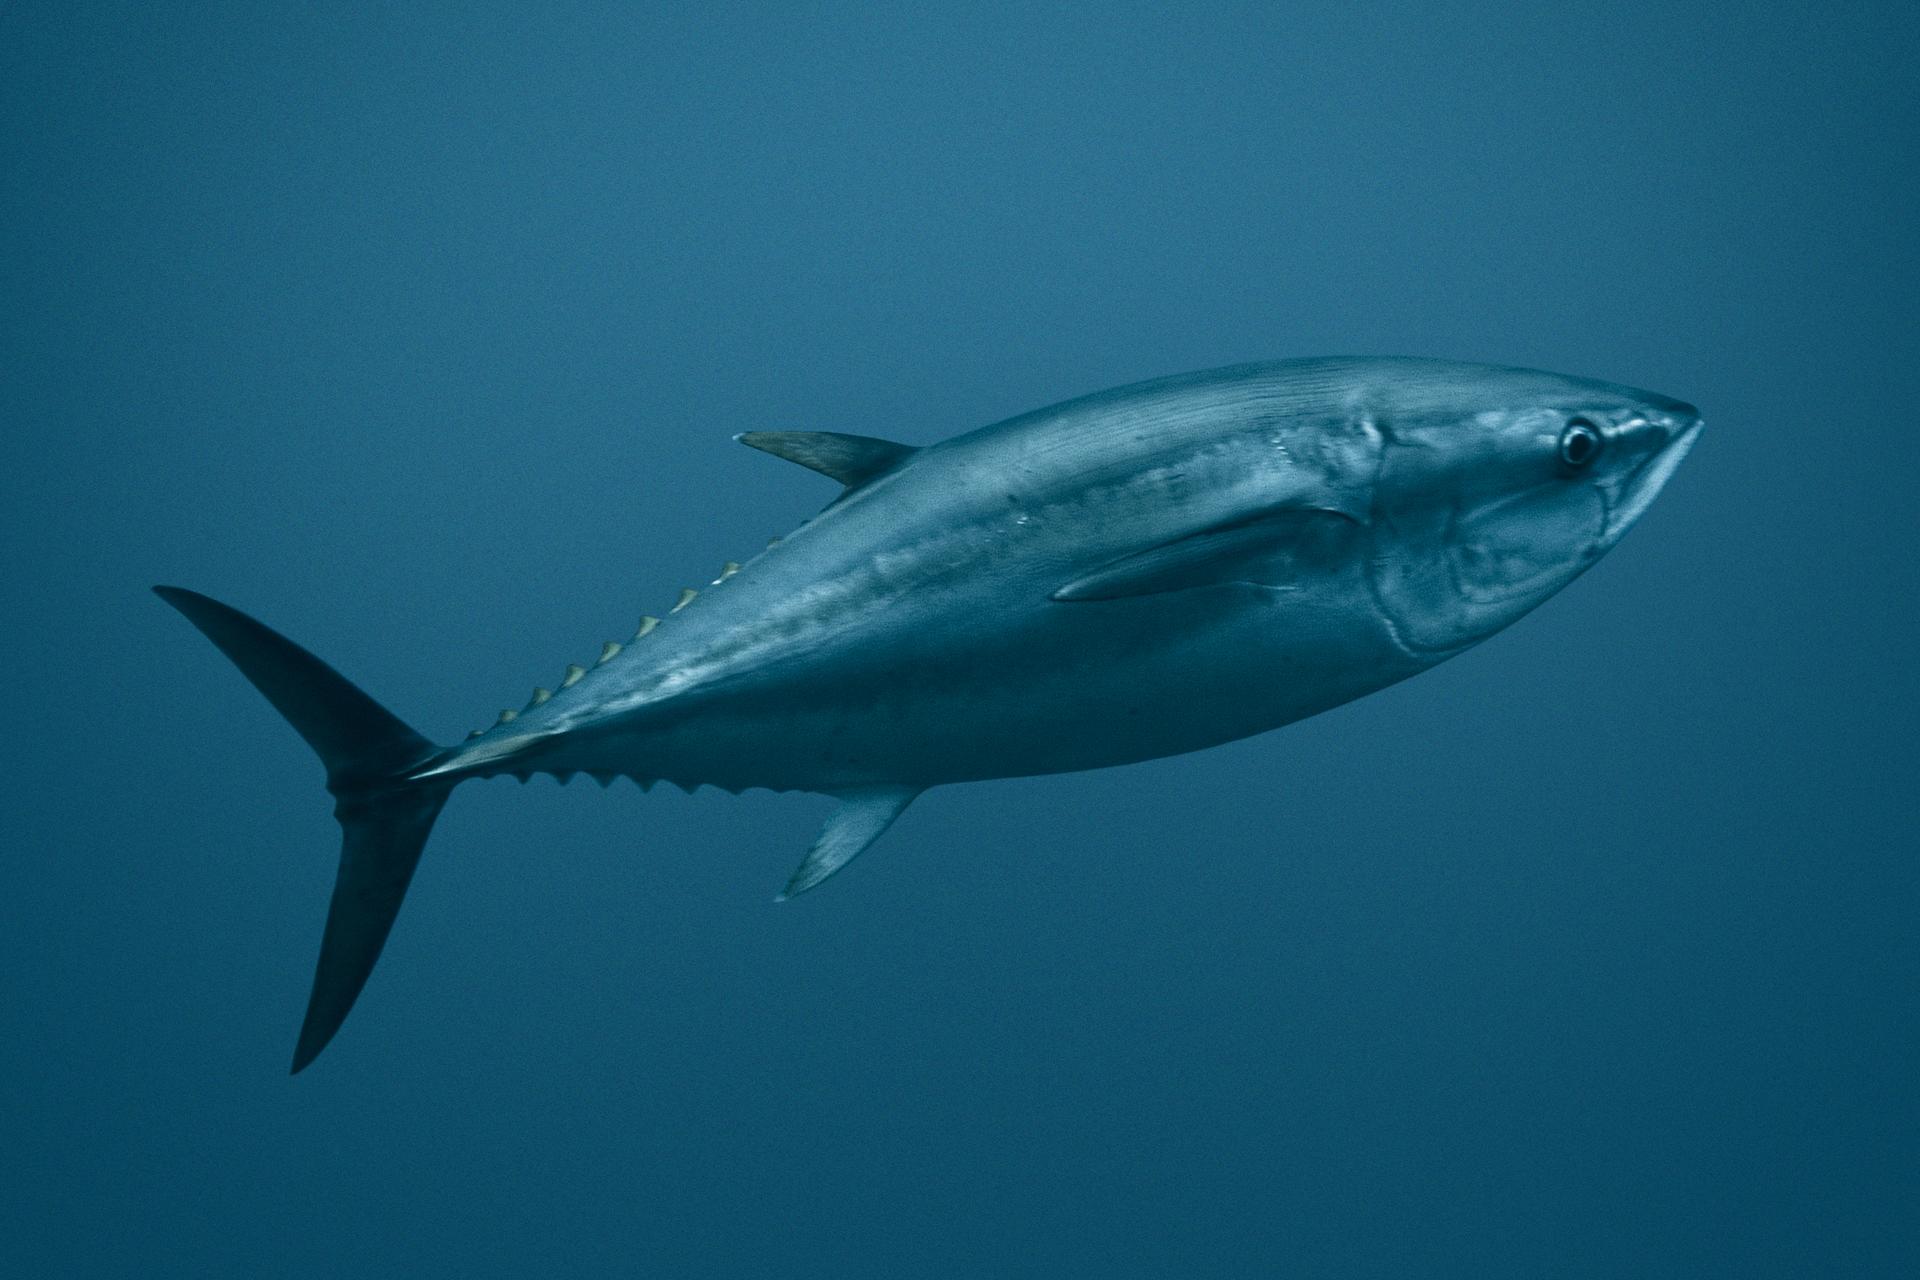 Galeria zawiera fotografie iilustracje, prezentujące różnorodność ryb. Fotografia przedstawia niebiesko srebrzystego tuńczyka wmorskiej toni. Ryba płynie wprawo, lekko ukośnie do góry. Ma smukłe płetwy tułowiowe, kolce na części przy ogonie itrójkątną, wydłużoną płetwę ogonową.